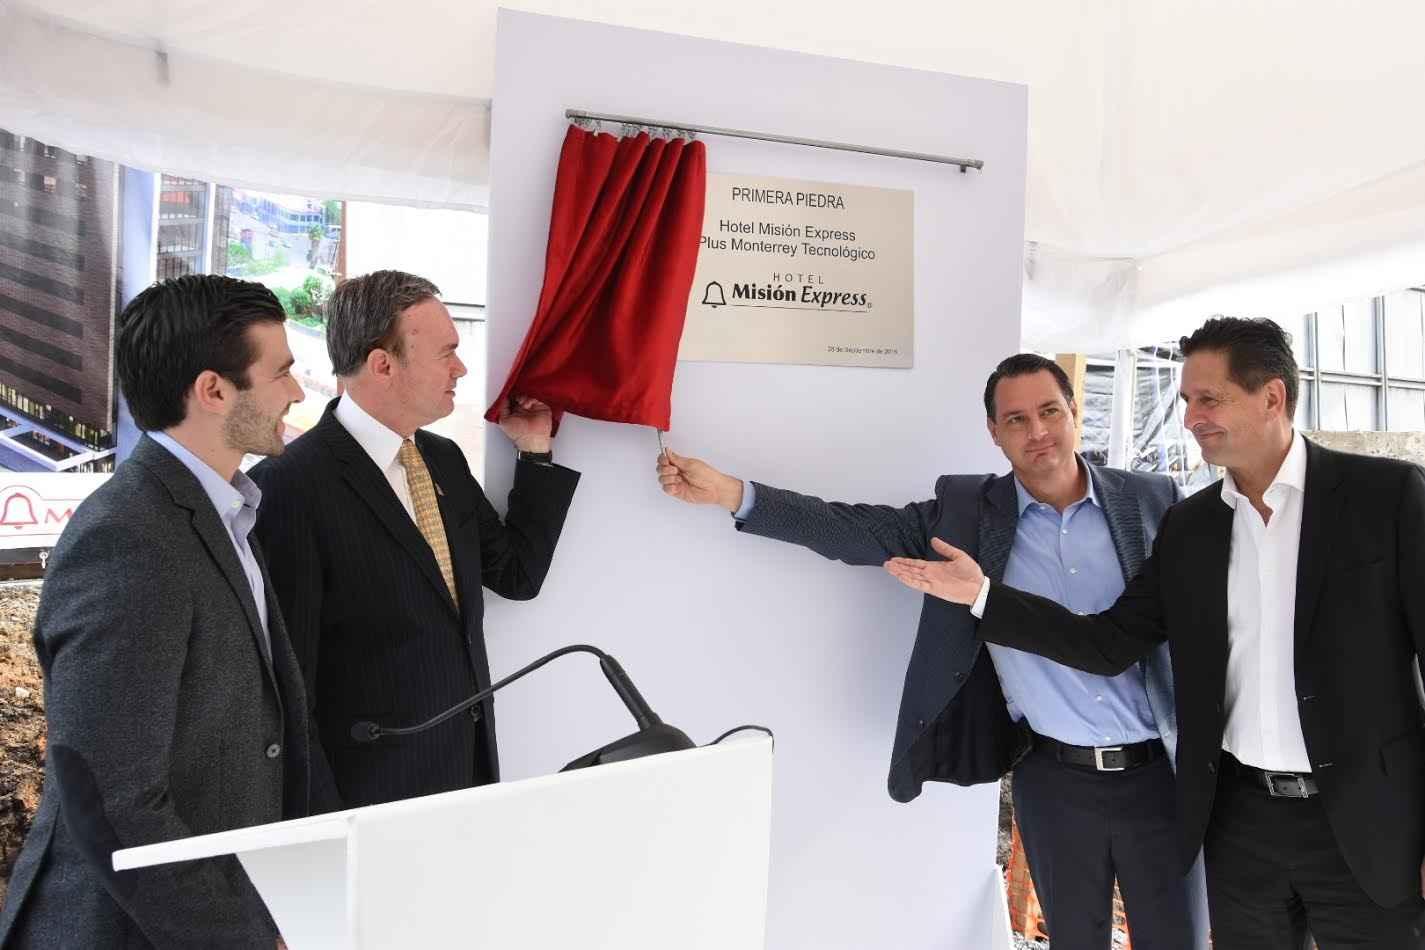 Hoteles Misión construye 128 habitaciones en Monterrey